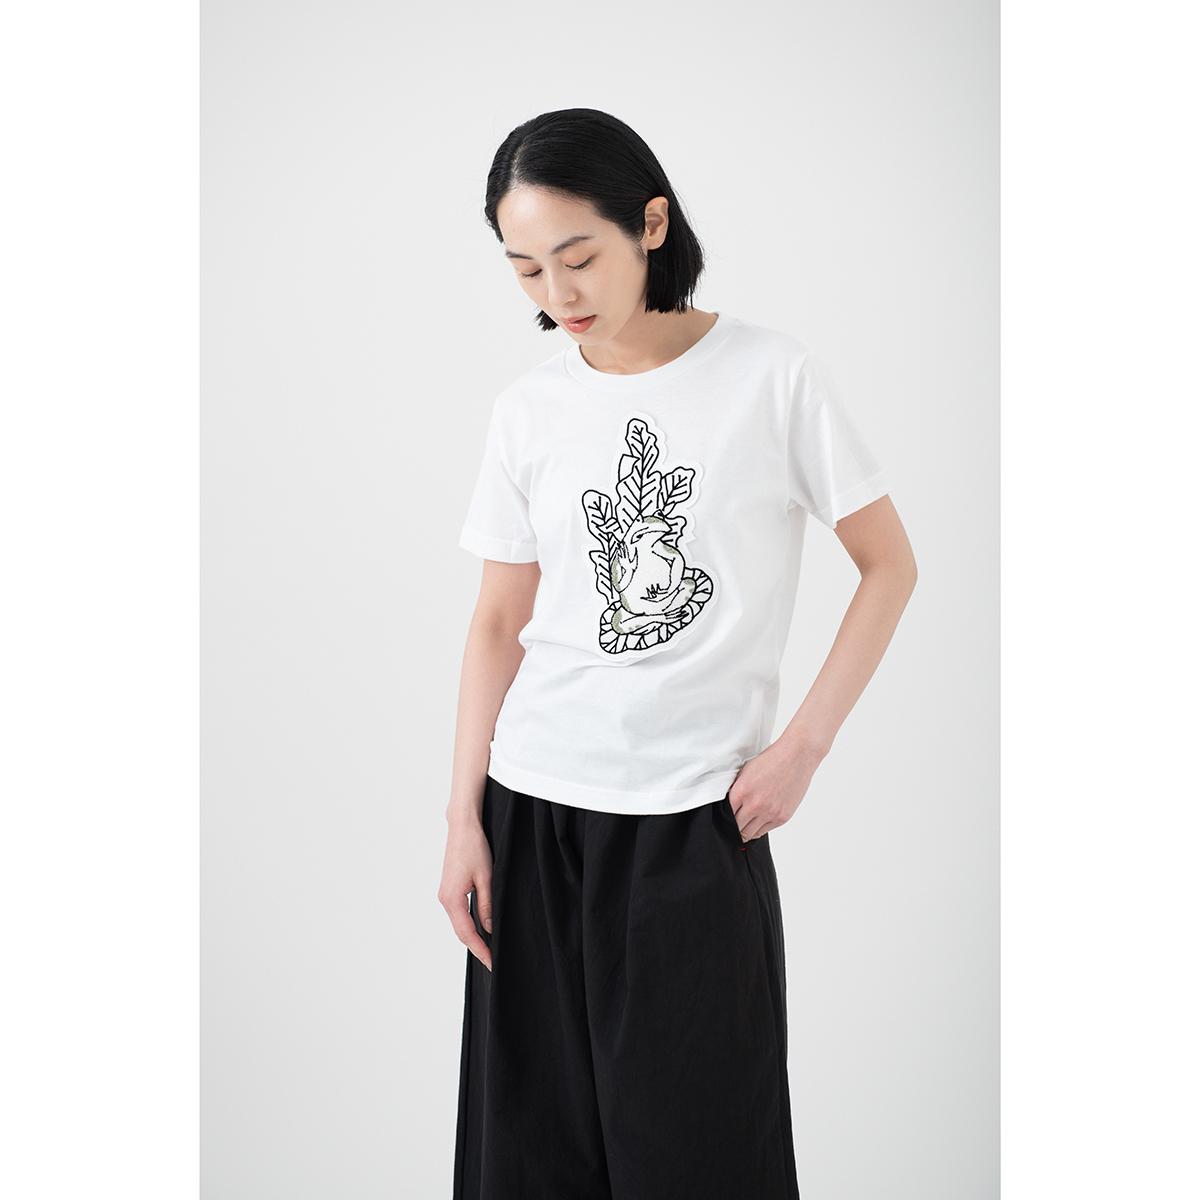 KY54-826/Tシャツ(白)/偽蛙仏